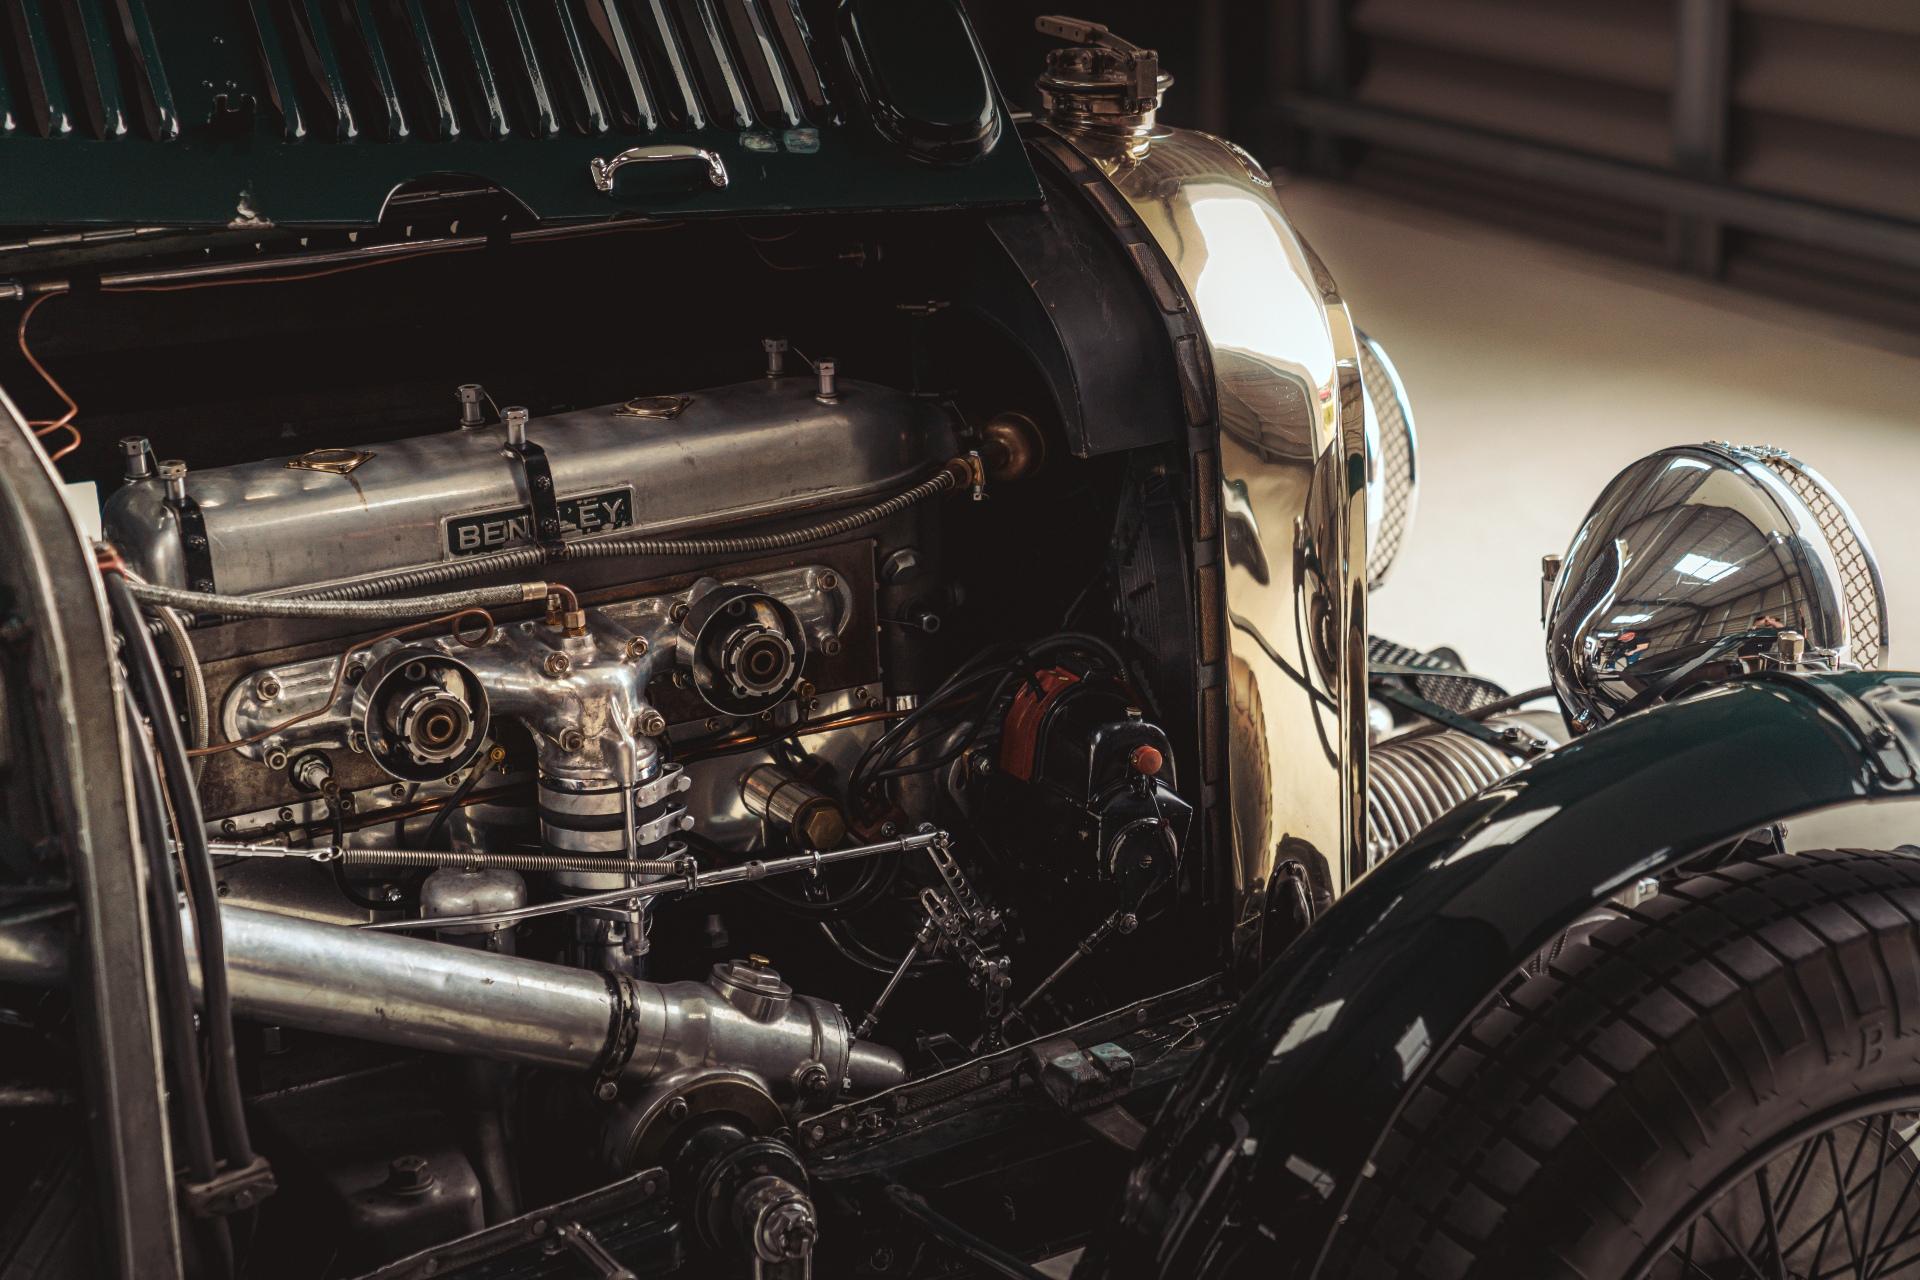 Bentley continuation car engine